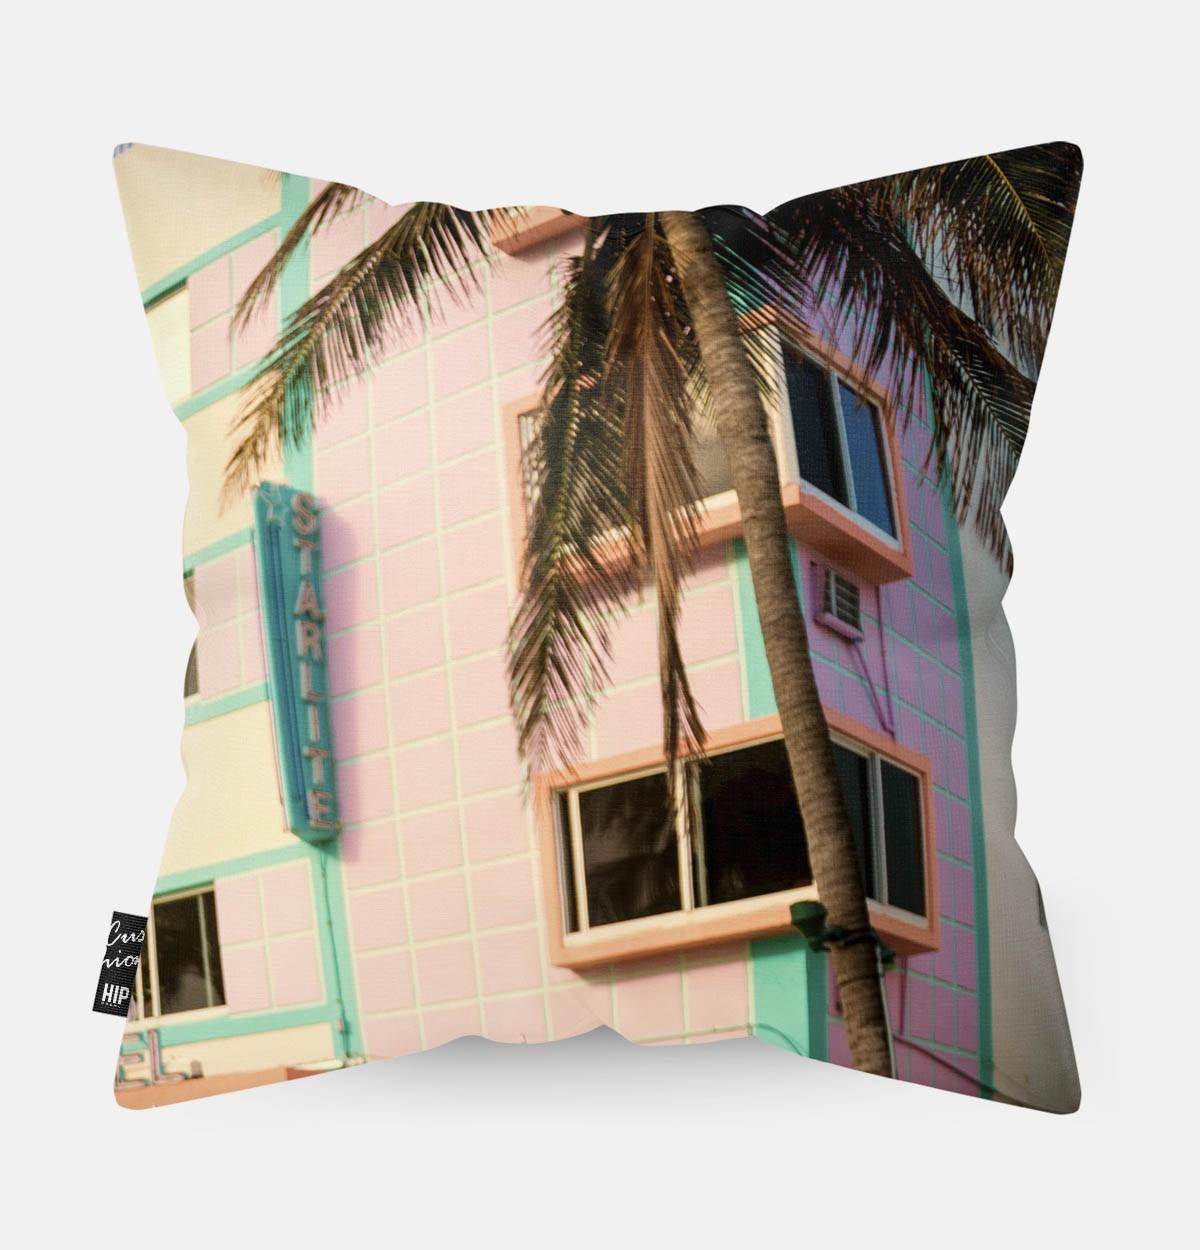 Kussen met een retro gebouw erop afgebeeld.